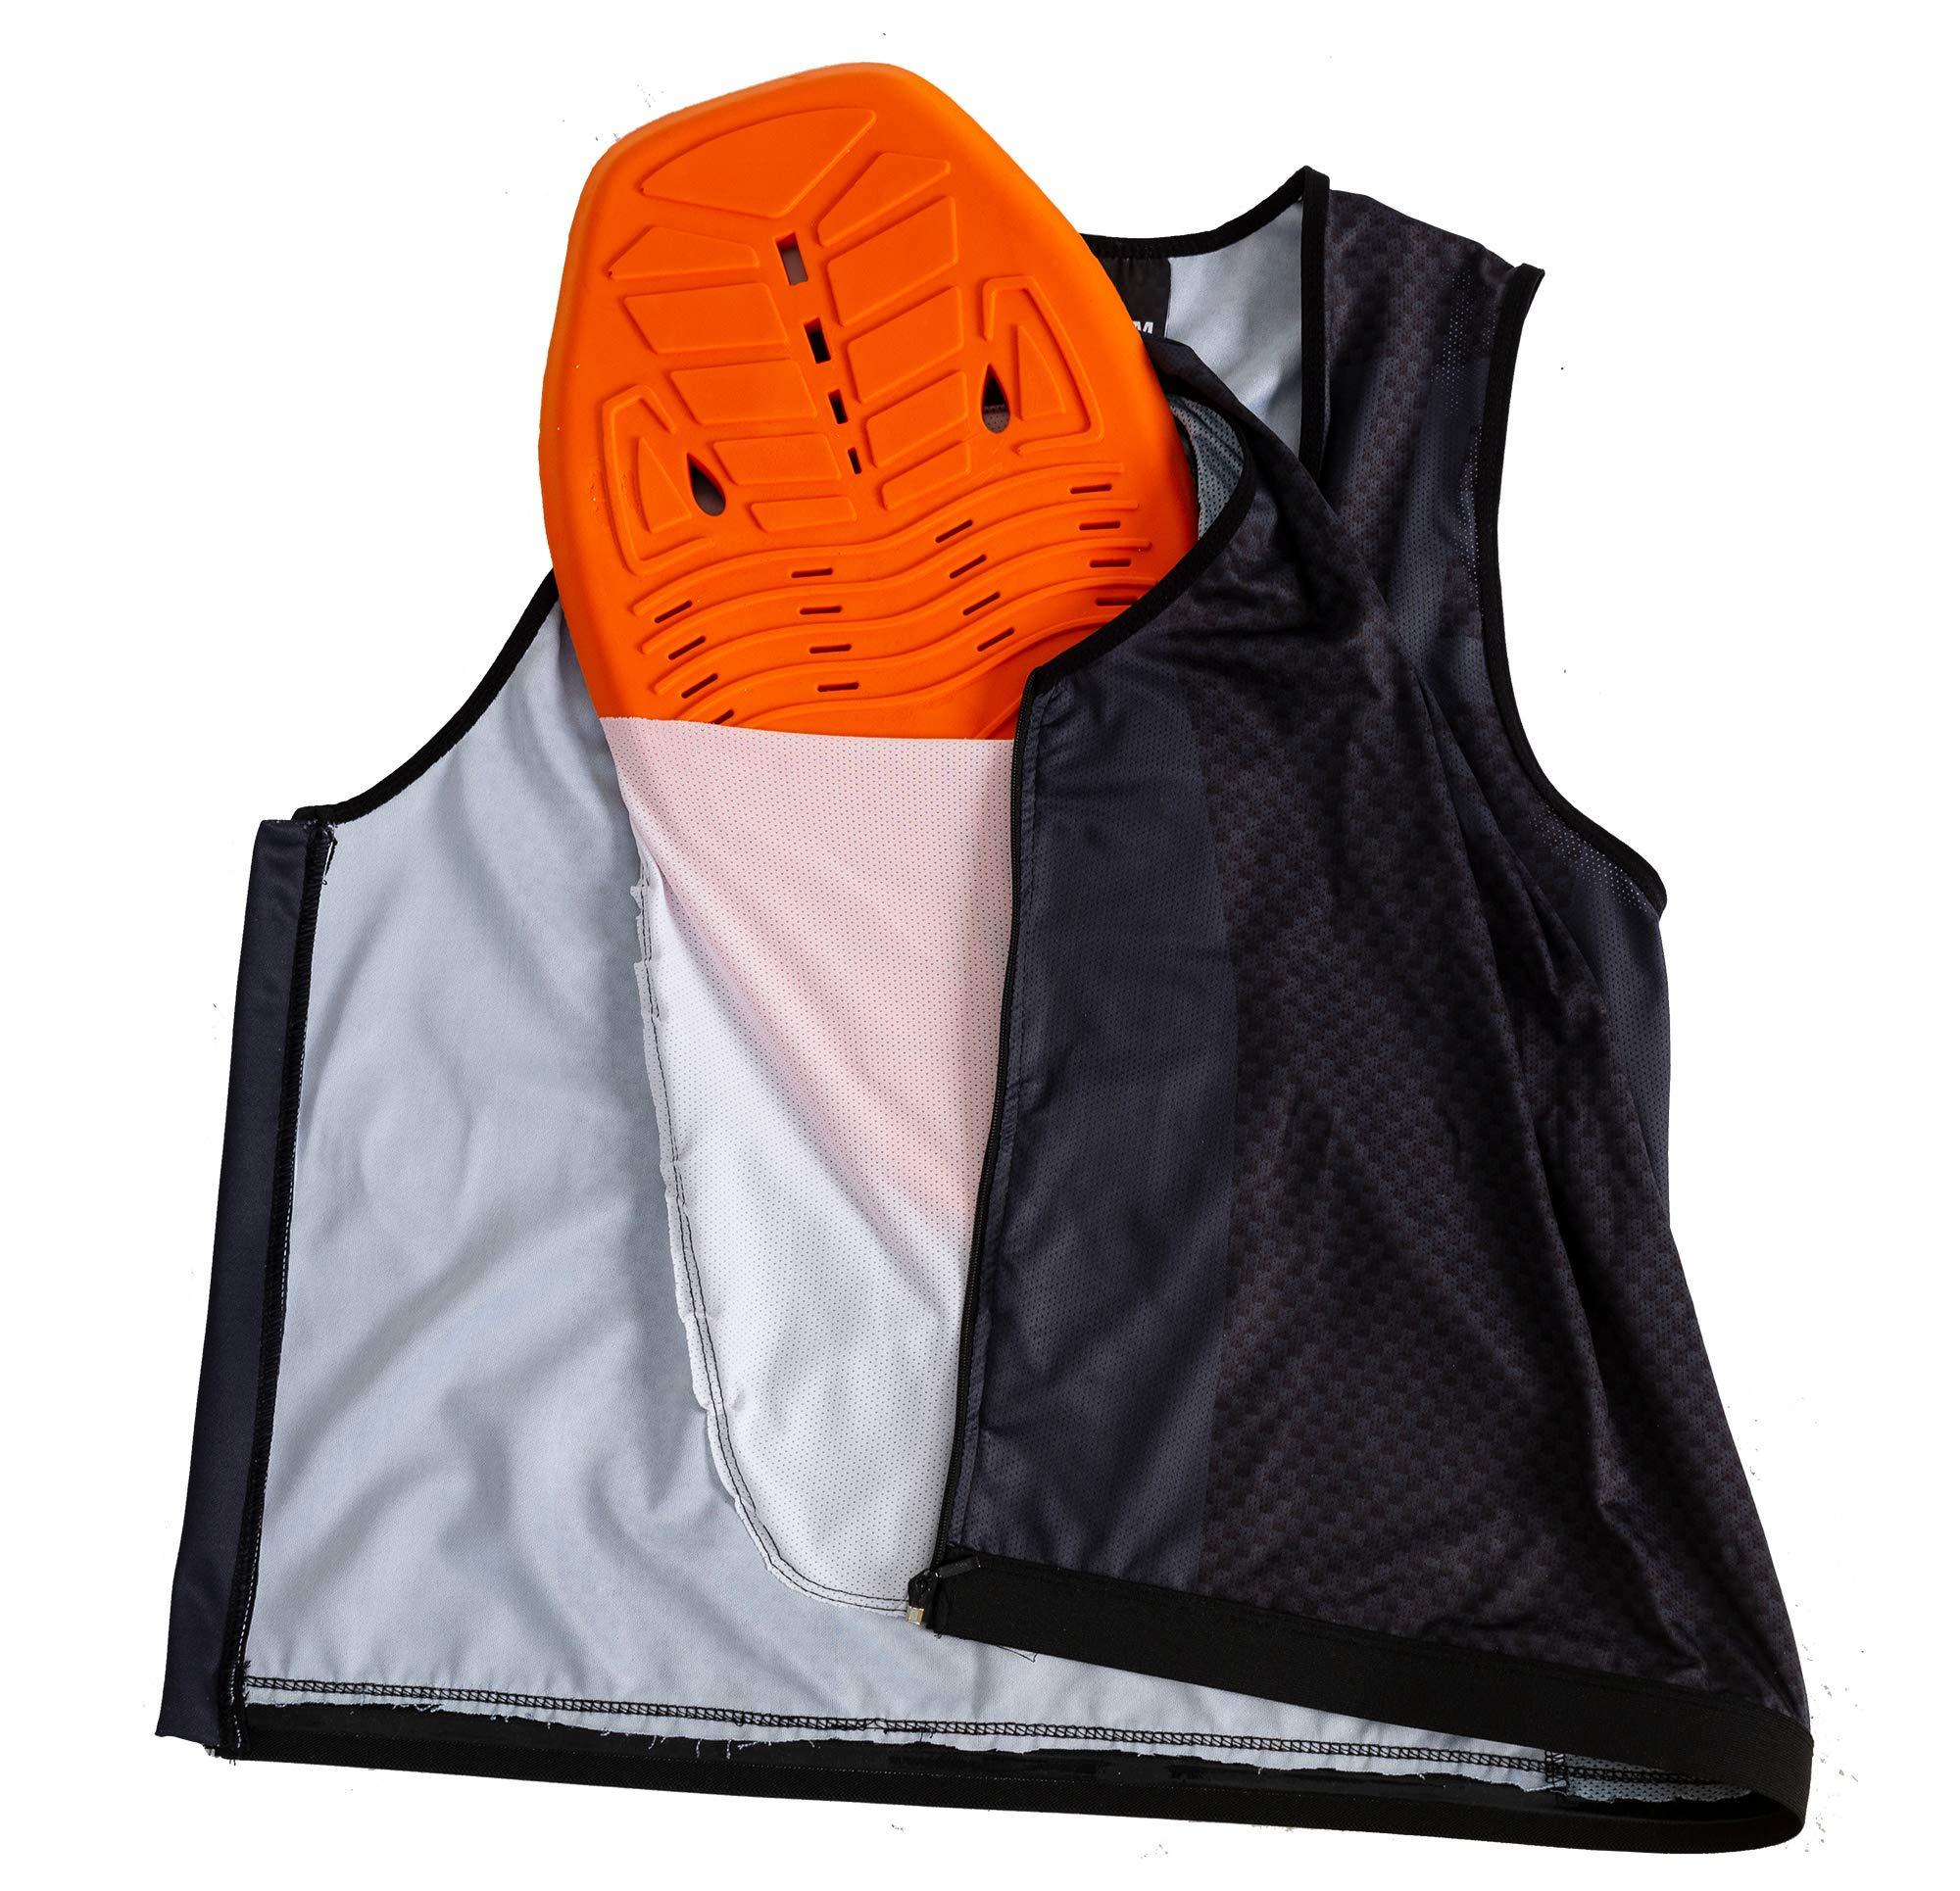 Clice Chaleco con protector de espalda homologado